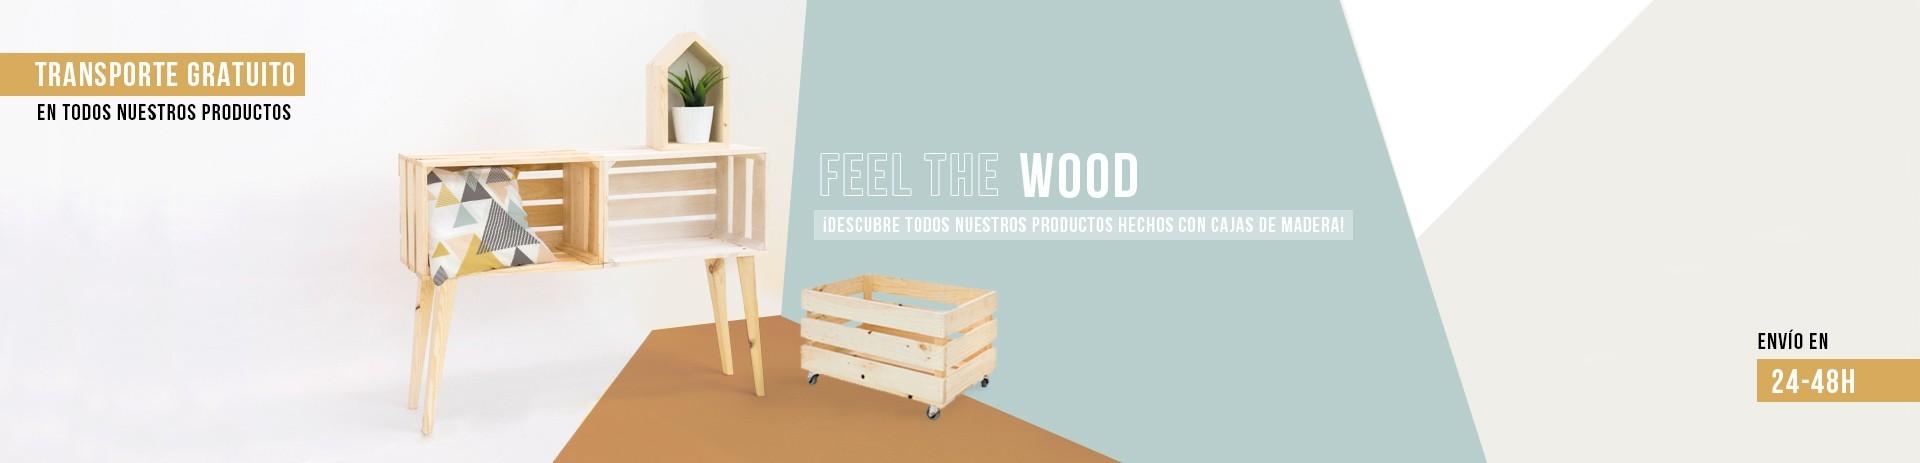 Descubre todos nuestros productos hechos con madera de primera calidad